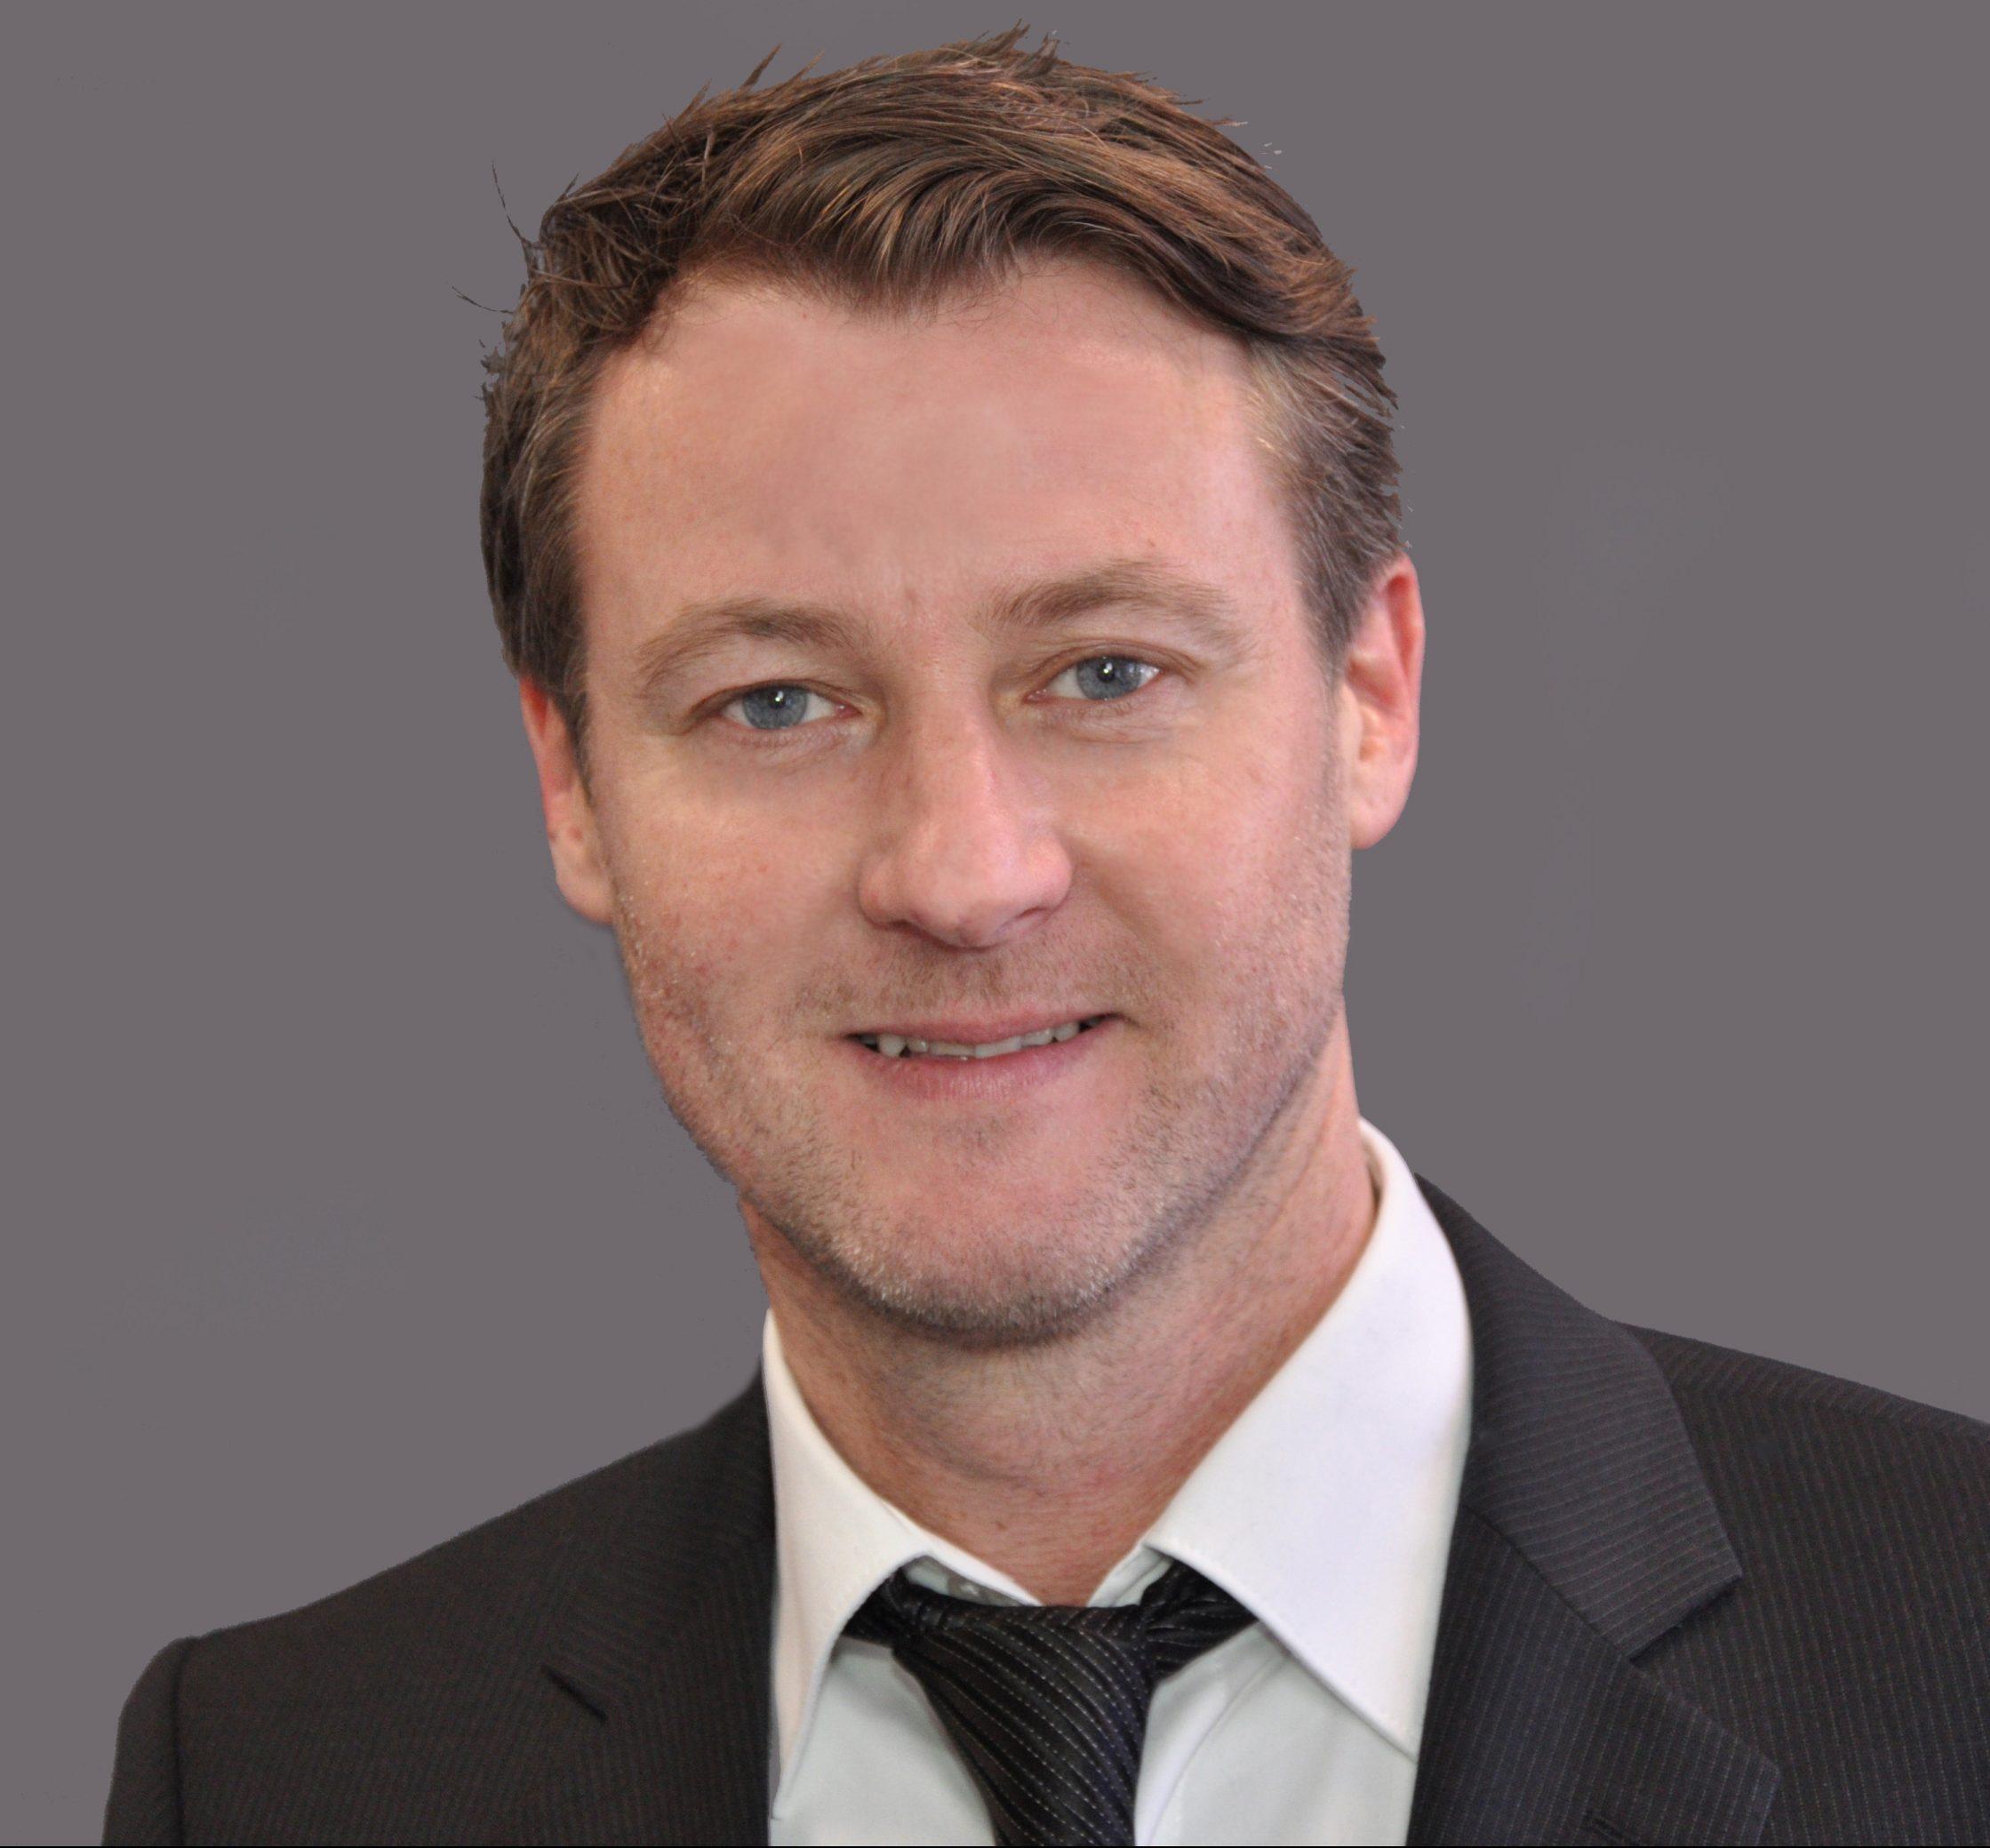 Rene Böhm